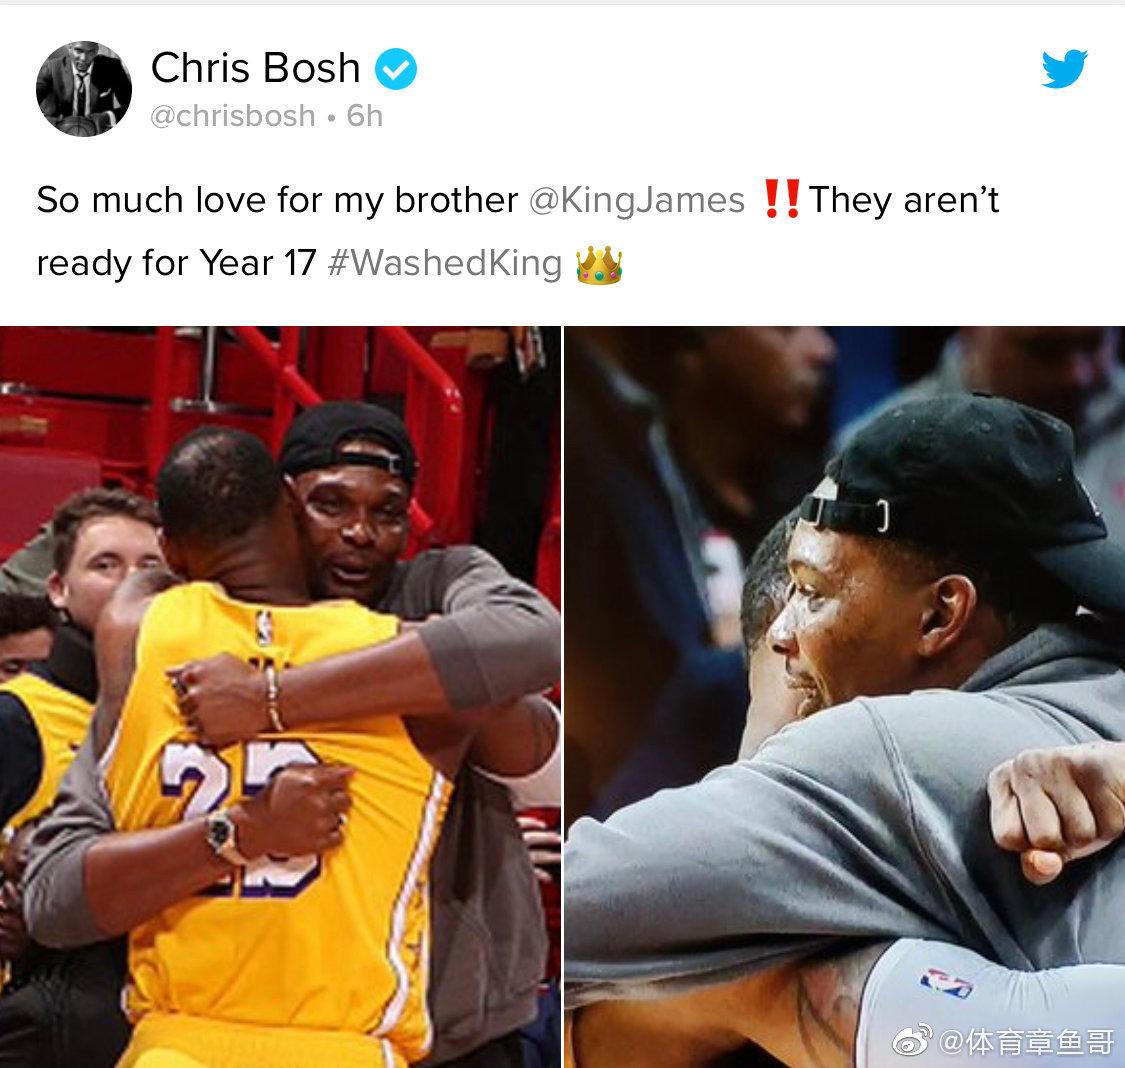 热火名宿波什更新推特,晒出昨天与好兄弟拥抱的图片,写道